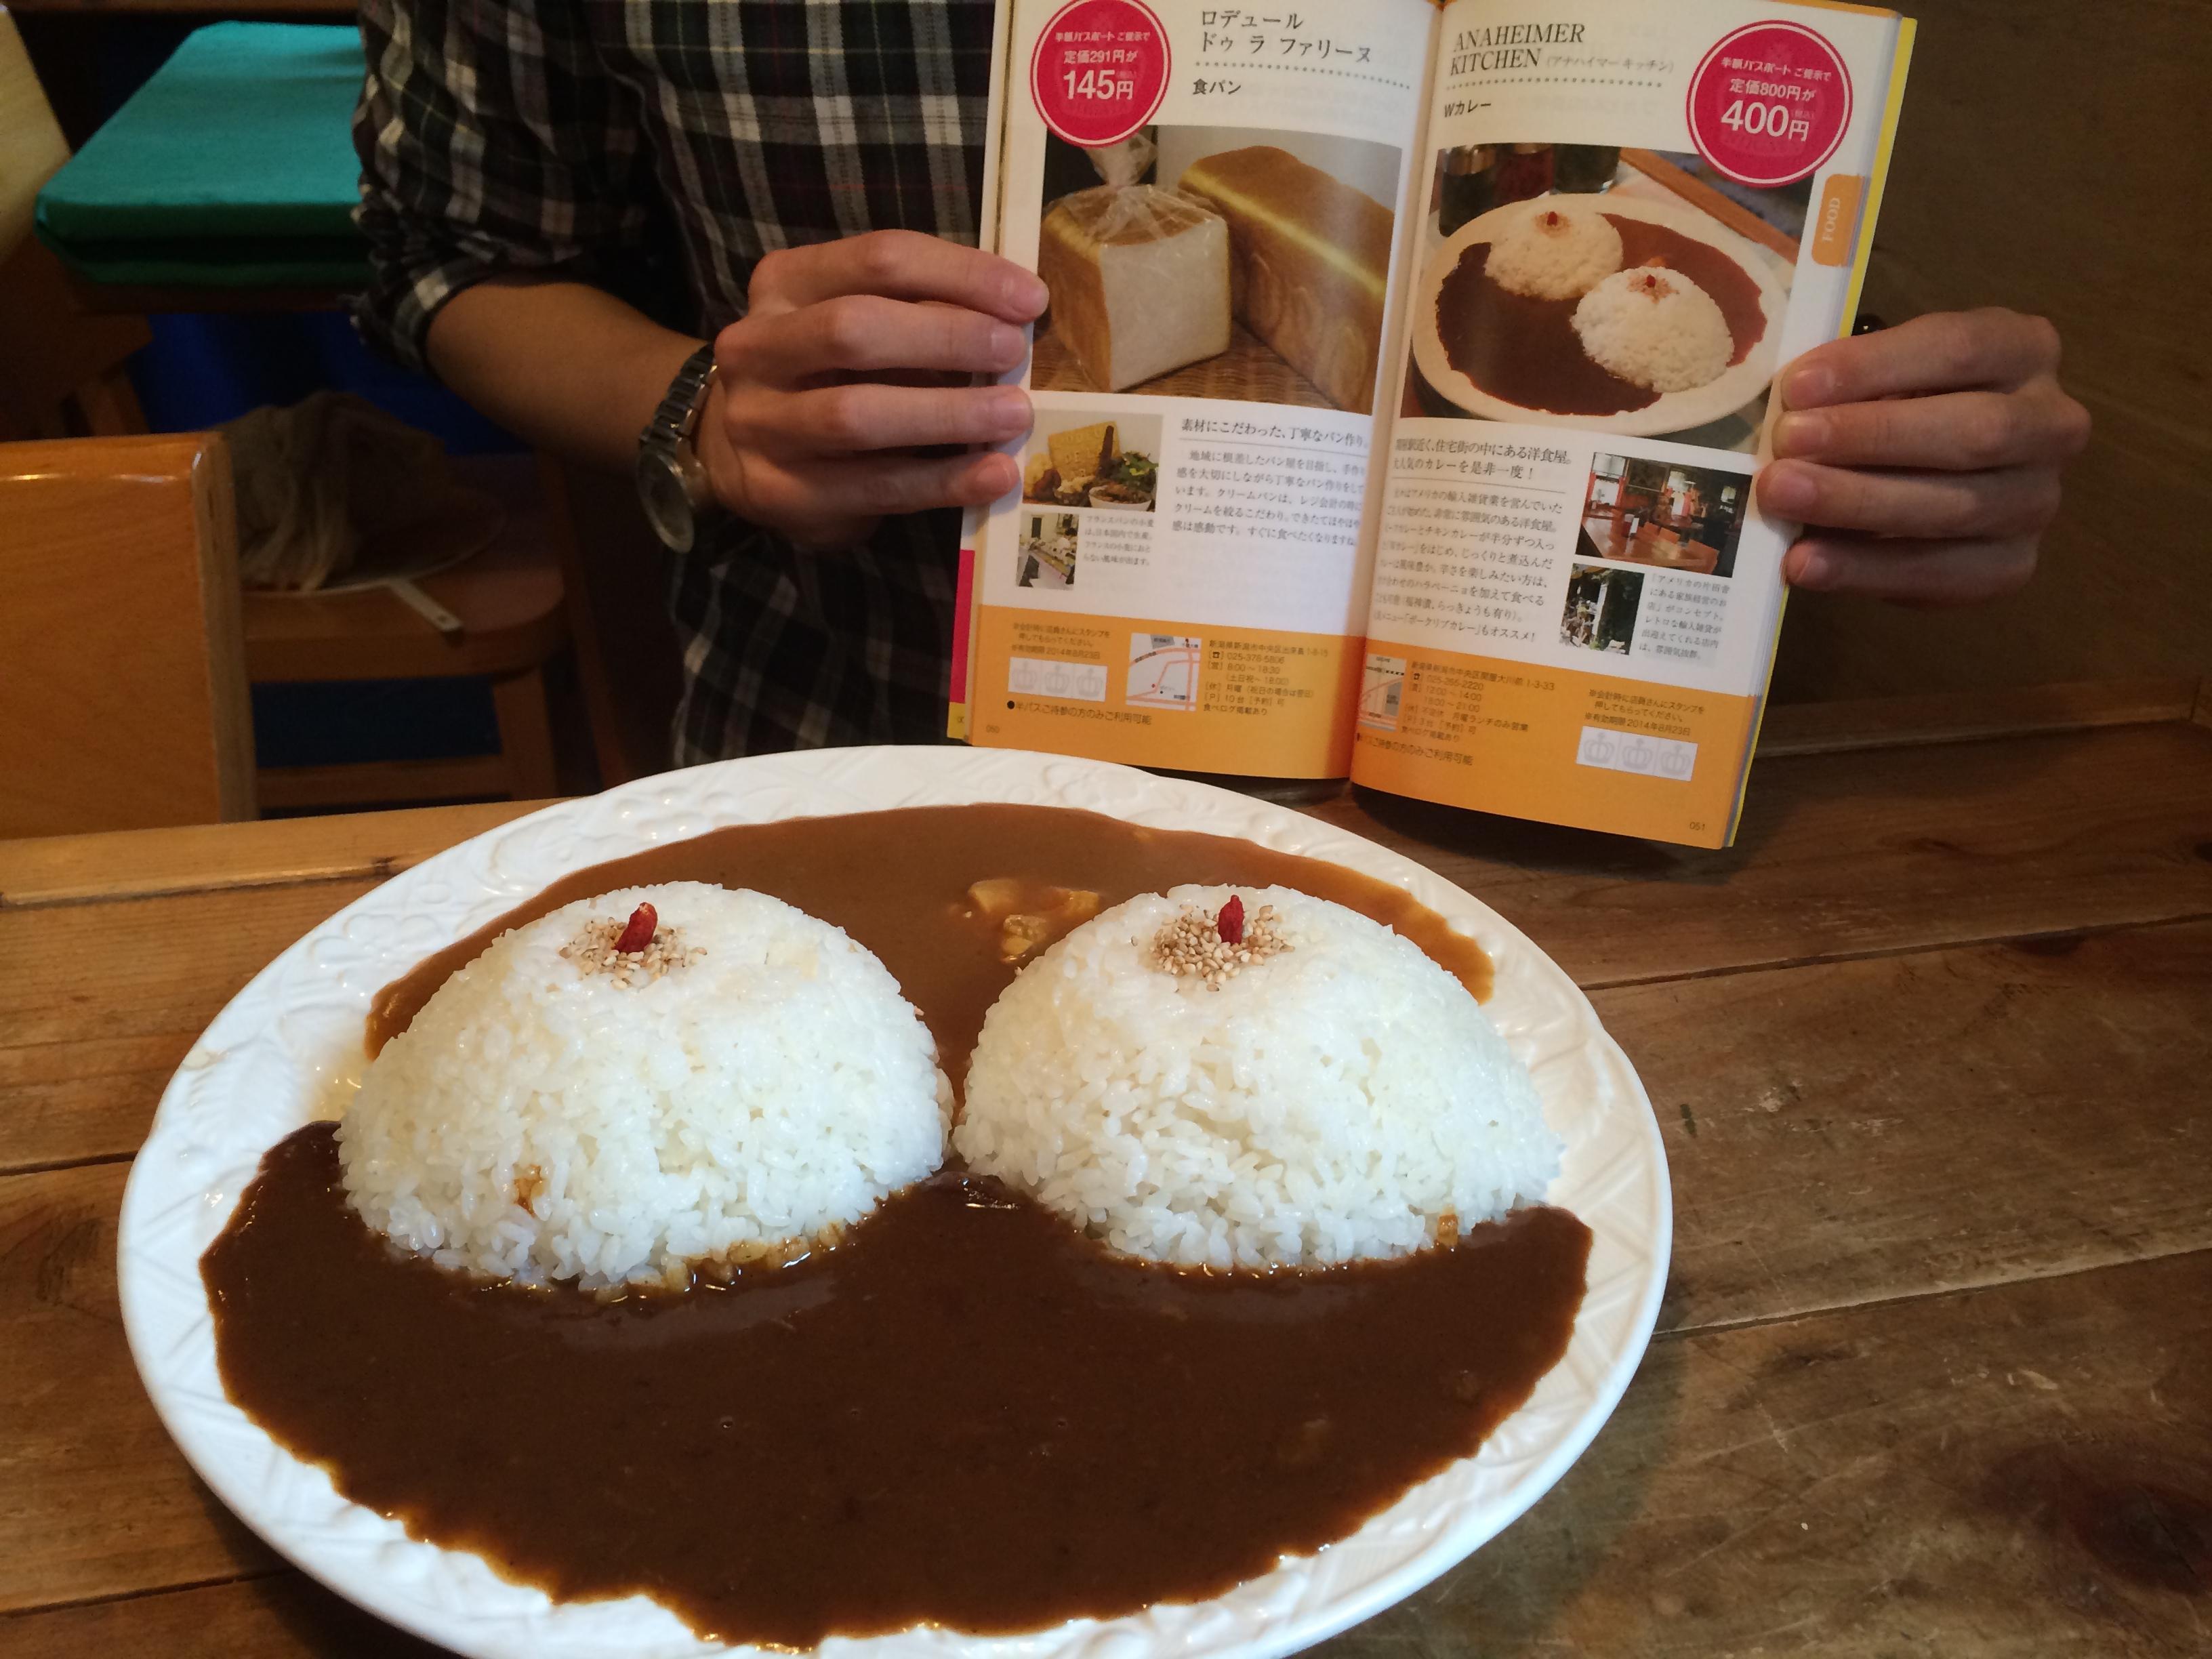 インパクトありまくり! 新潟市・関屋の「アナハイマーキッチン」のWカレーが最高すぎる!